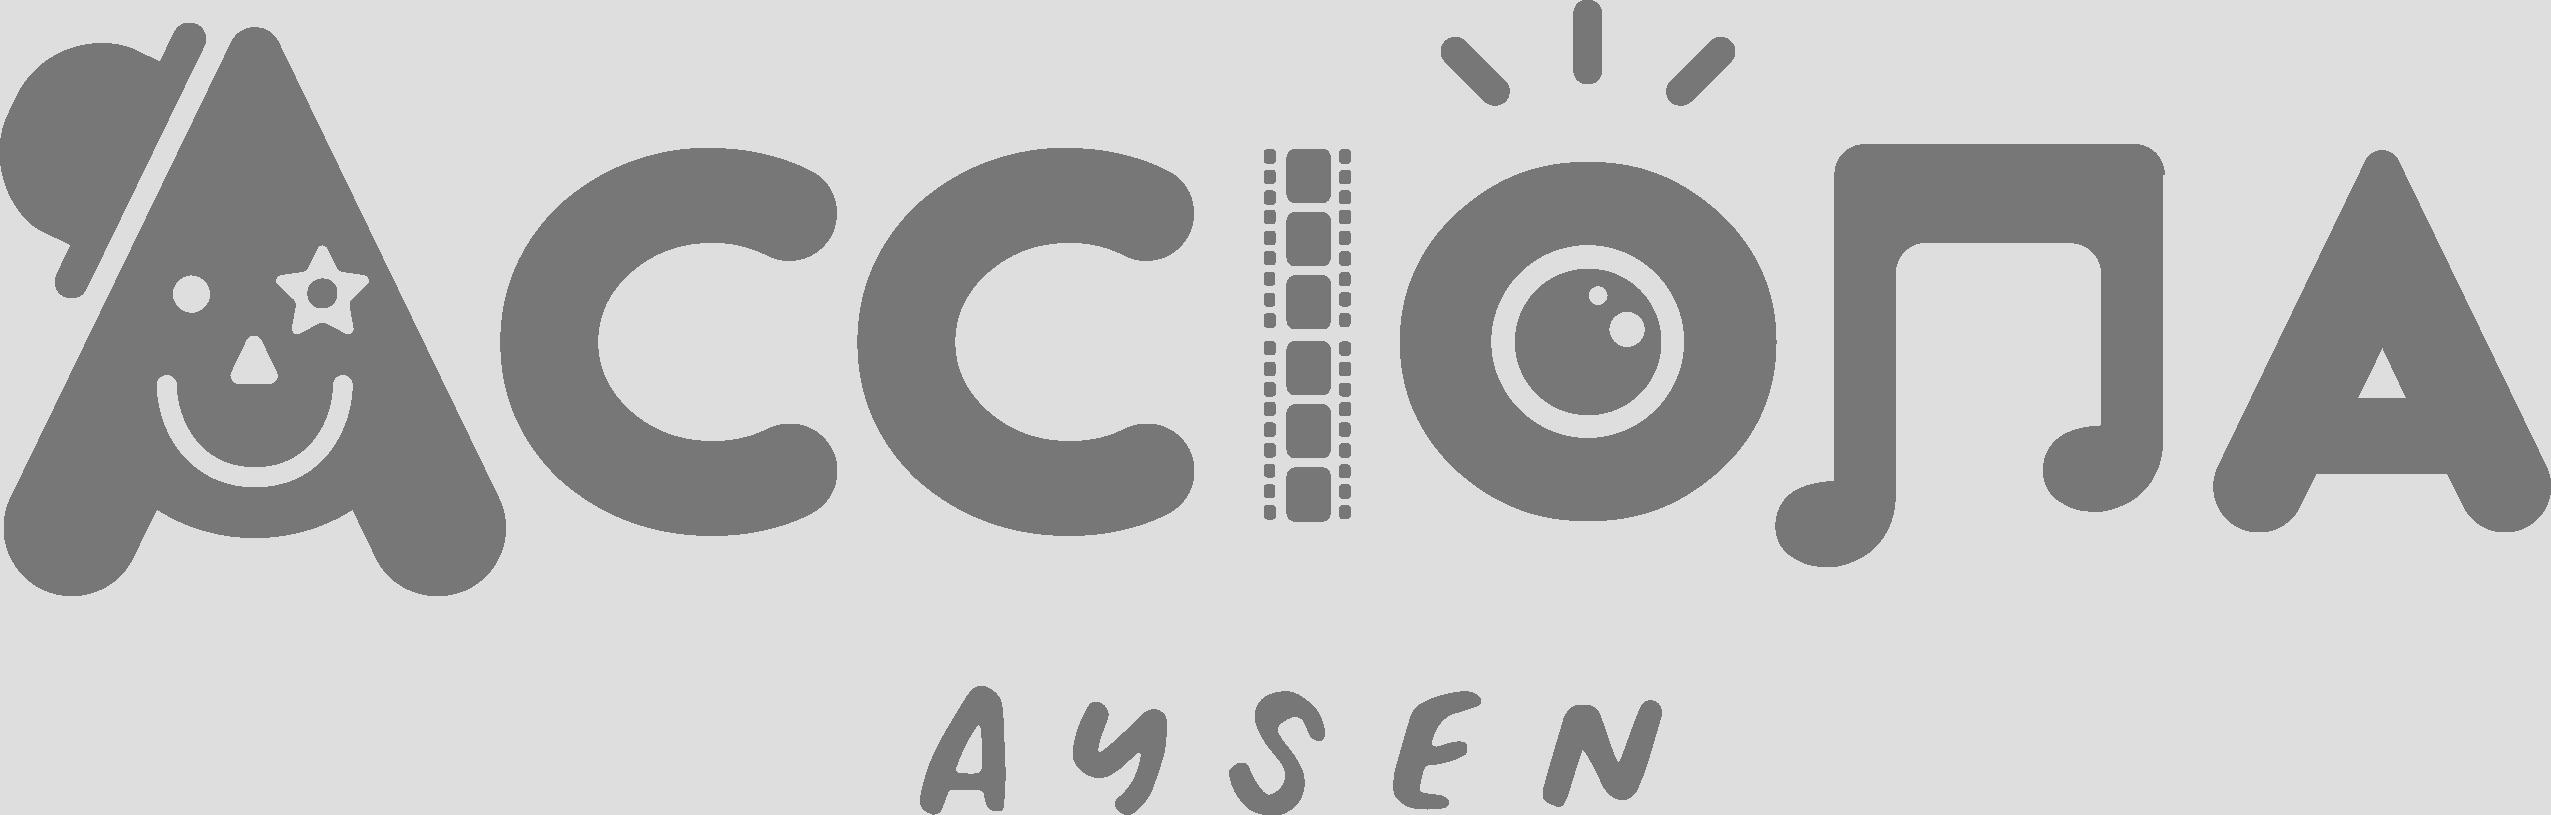 logo_acciona.png